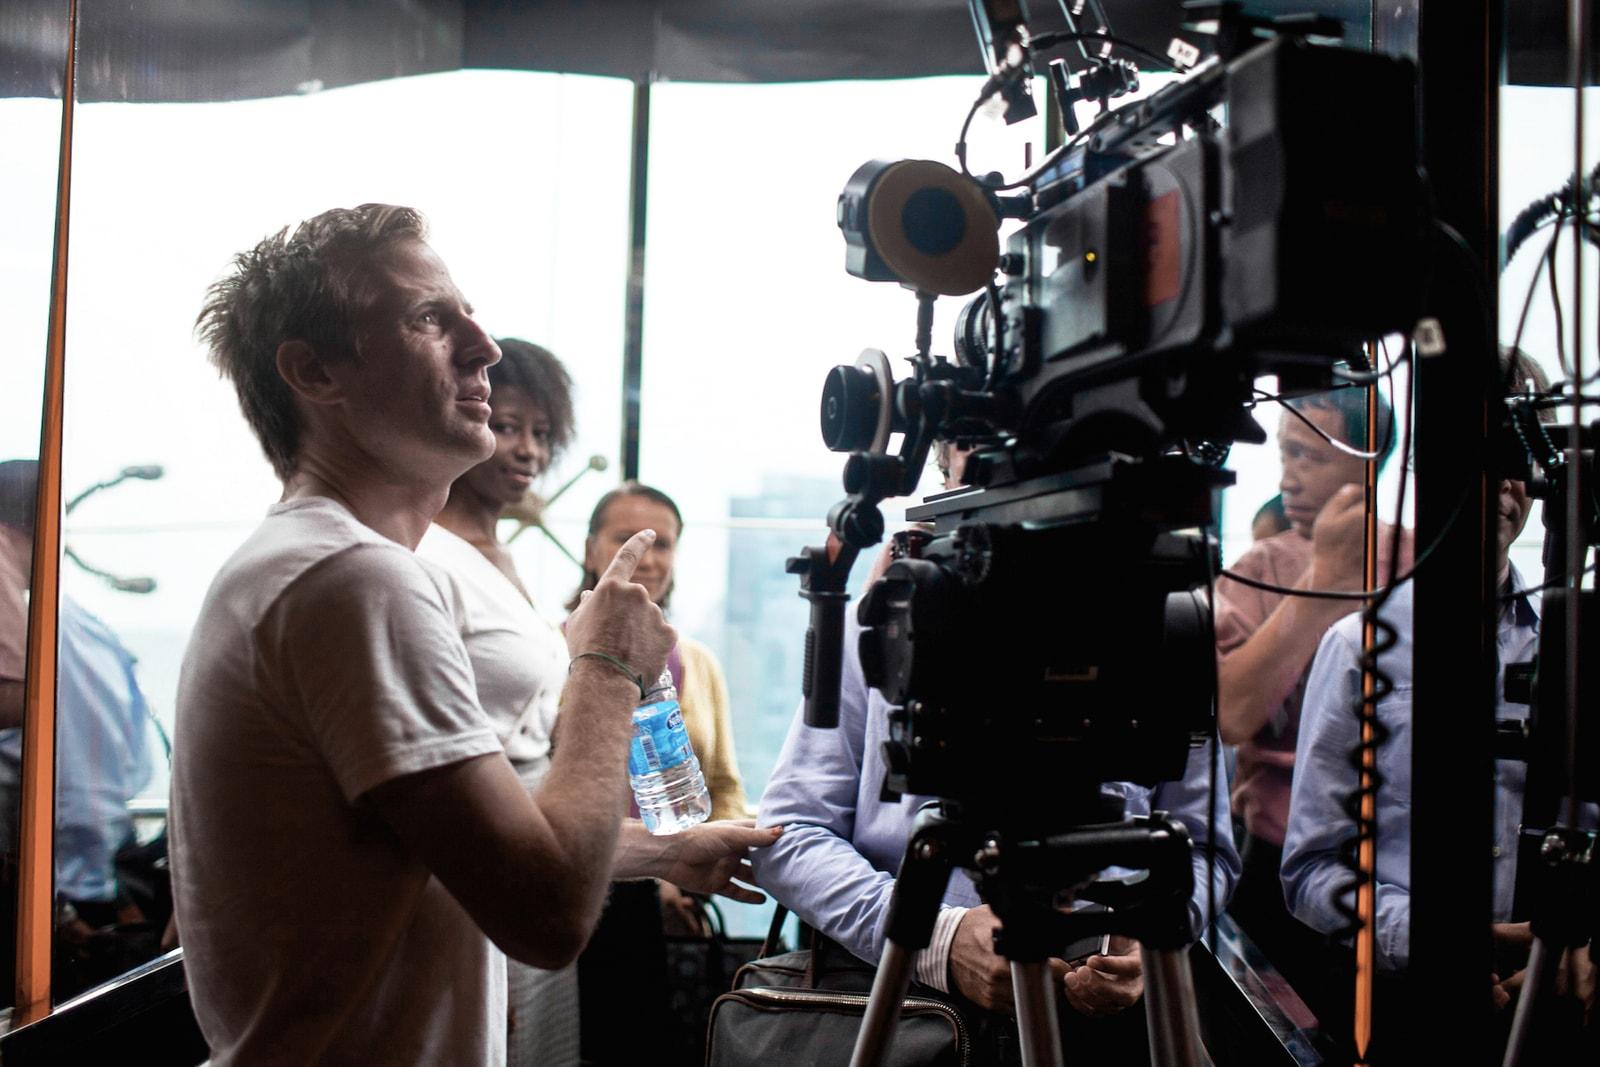 孤獨、疏離的光與影 - Spike Jonze 的拍攝電影技巧